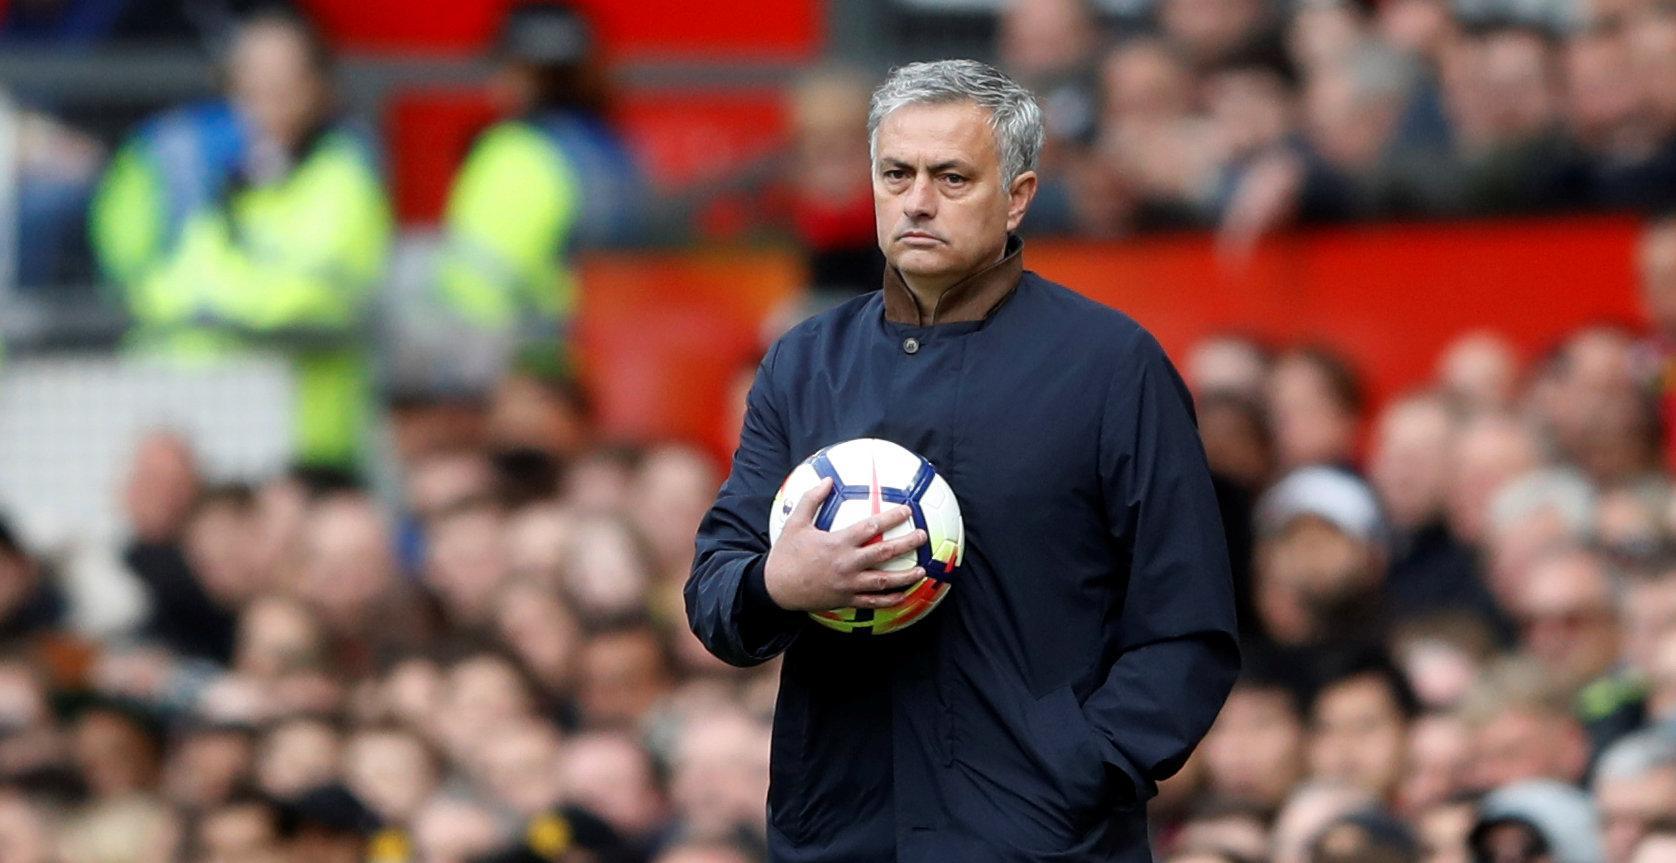 Mourinho, condenado a un año de prisión por fraude fiscal